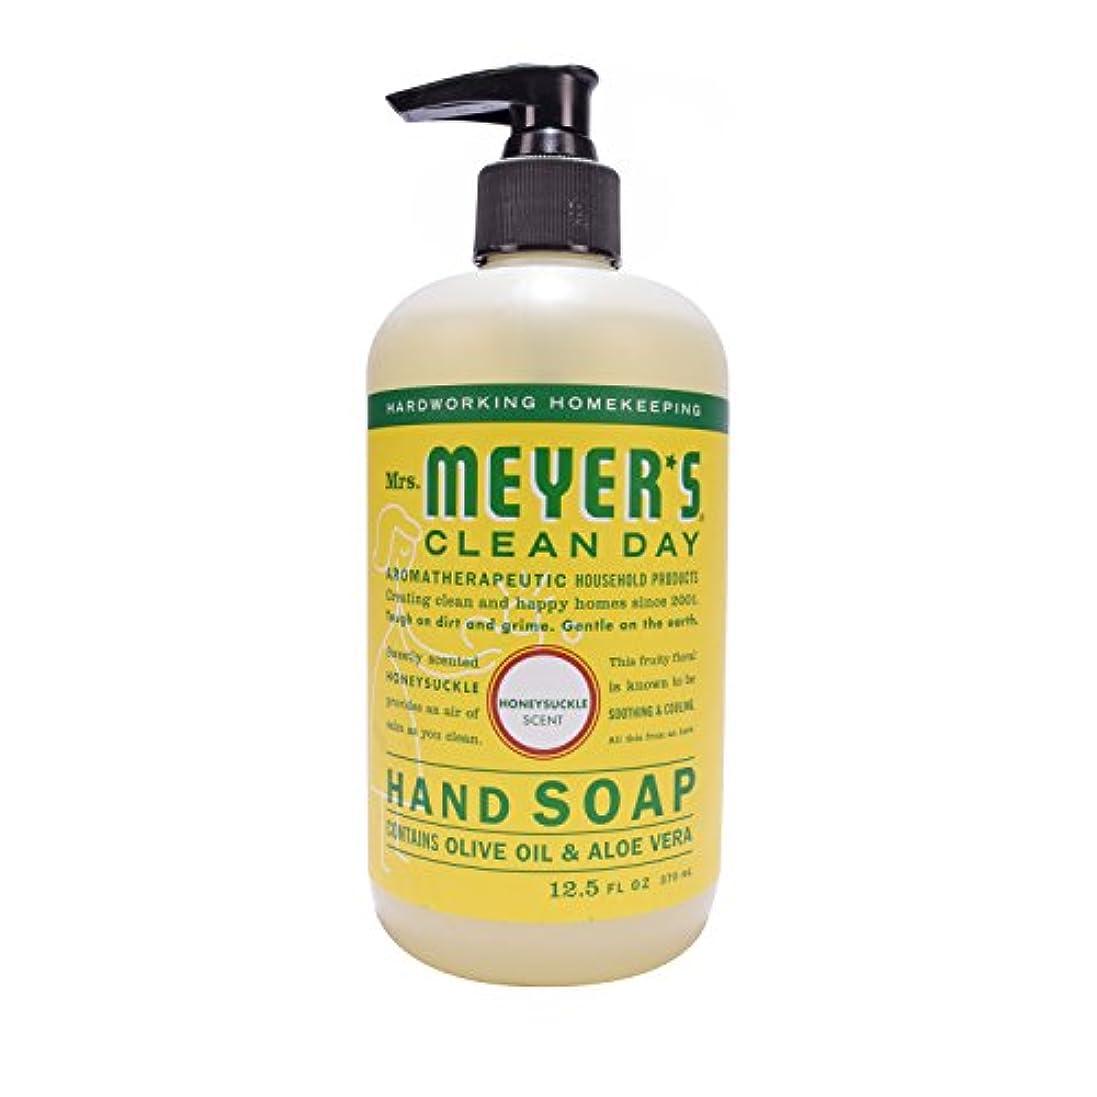 警報十代論文Mrs. Meyer's Clean Day Hand Soap Liquid, Honeysuckle, 12.5-Fluid Ounce Bottles by Mrs. Meyer's Clean Day